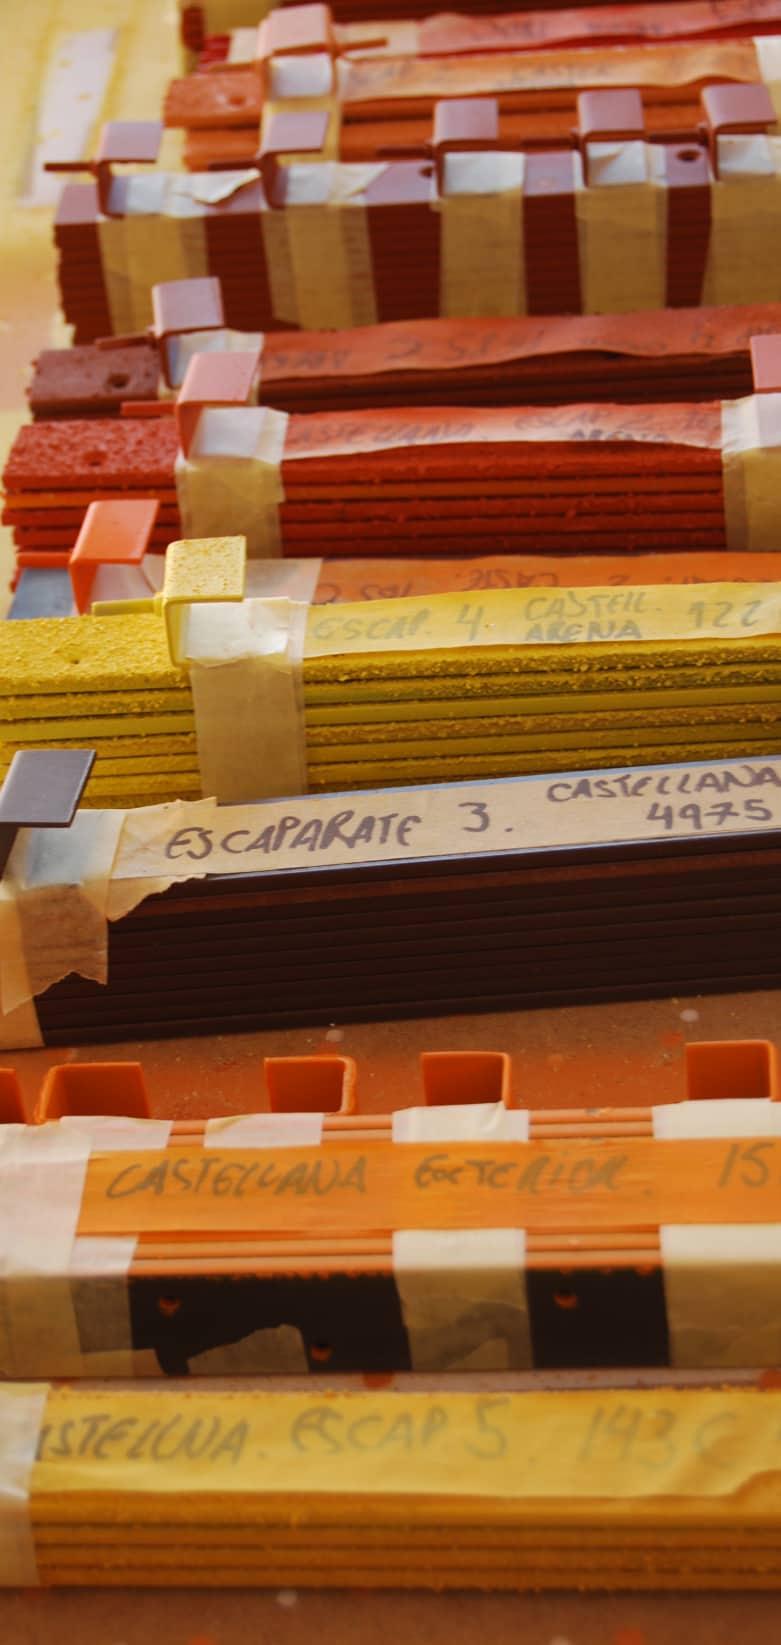 Muestrario de colores para la producción de elementos que irán en el escaparate